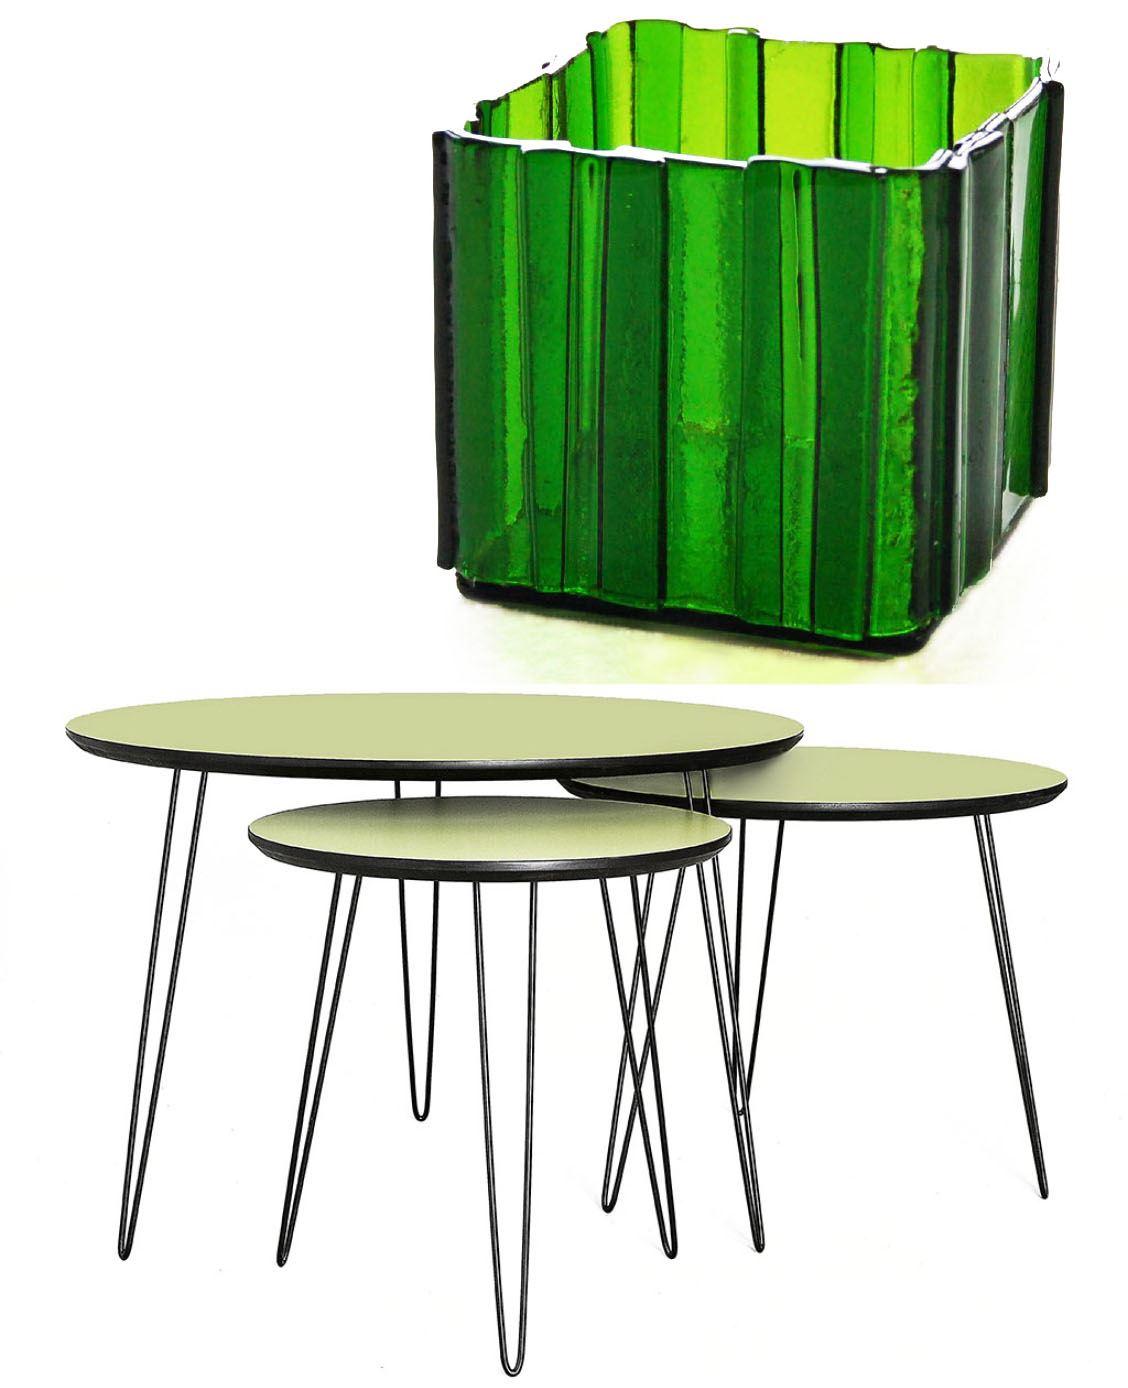 Lotta Pettersson - glaskonstnär